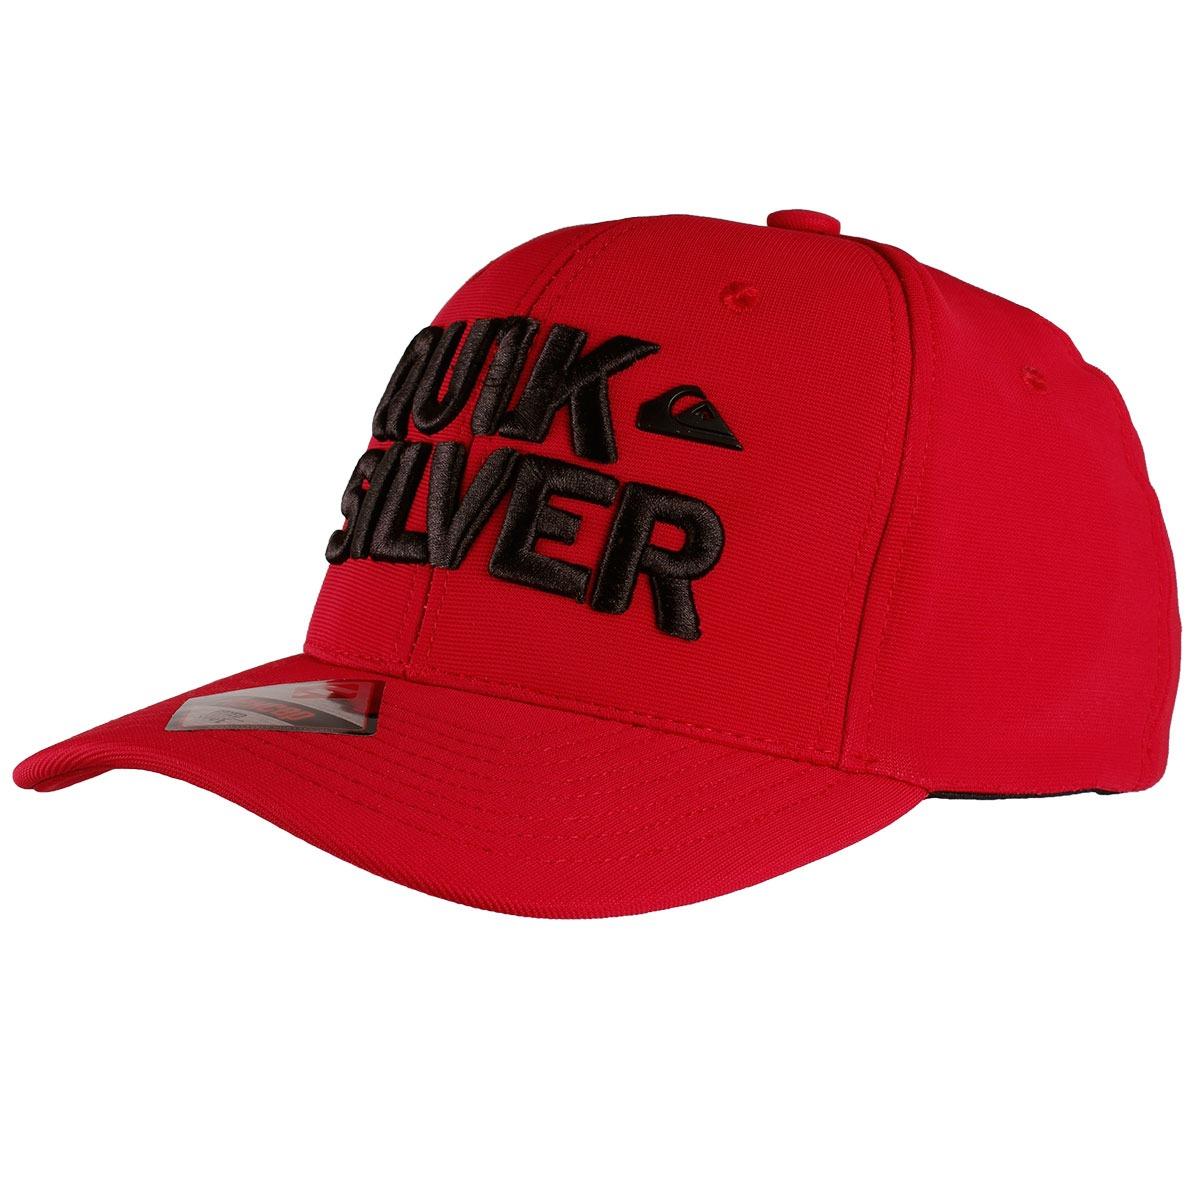 boné quiksilver curved peak over under vermelho. Carregando zoom. 2d2660f1c15